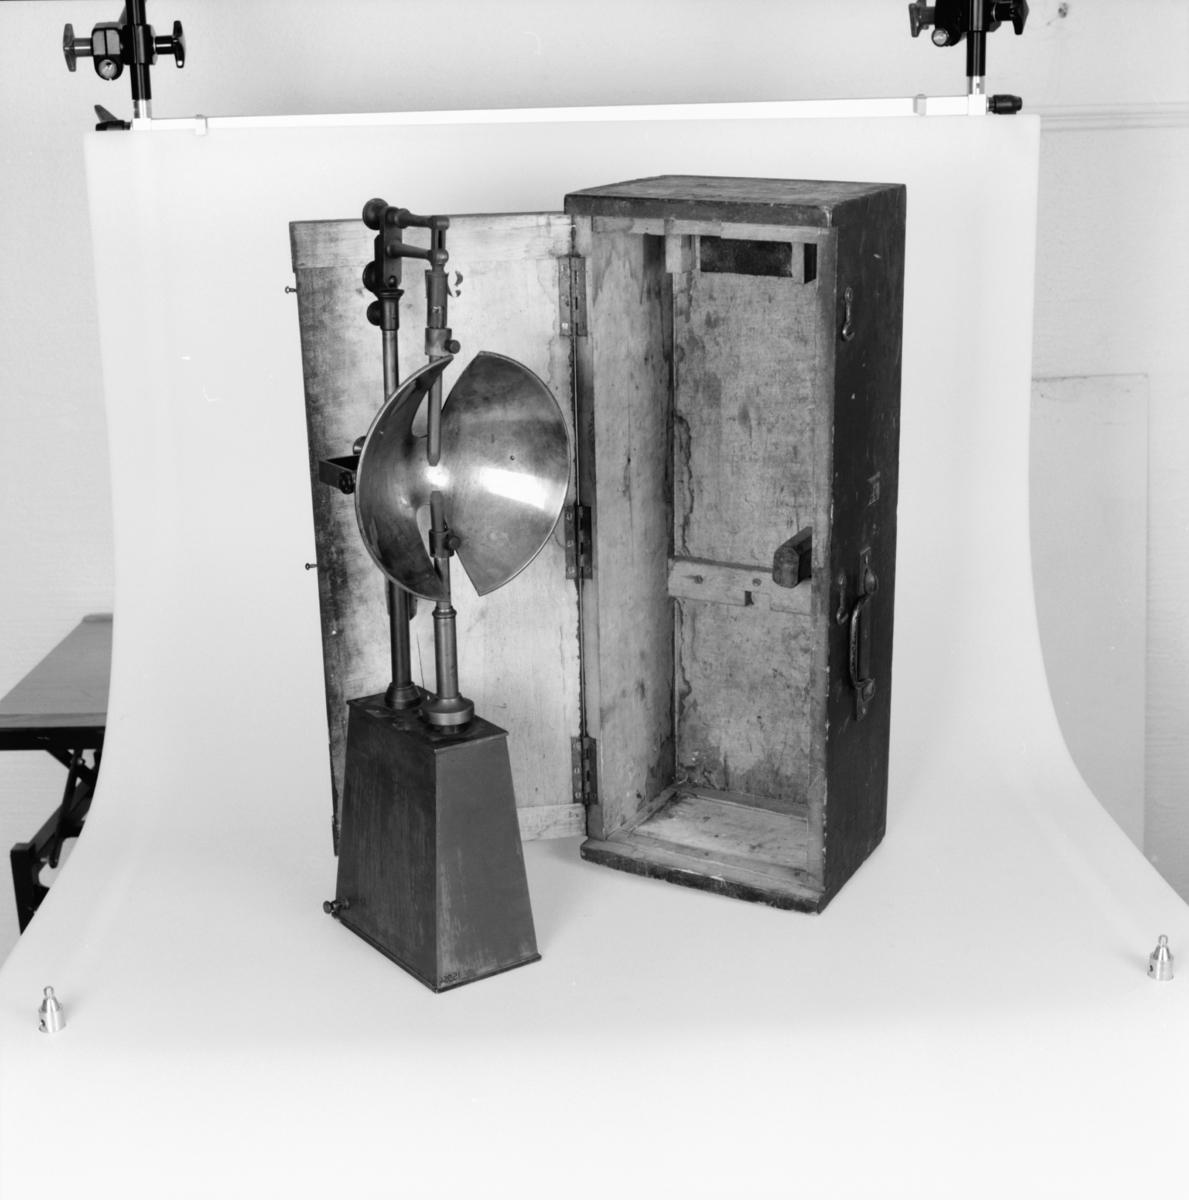 """Bågljuslampa enligt Serrin. Graverat: """"F. Suisse Constrr Paris No 91."""" I orginallåda."""